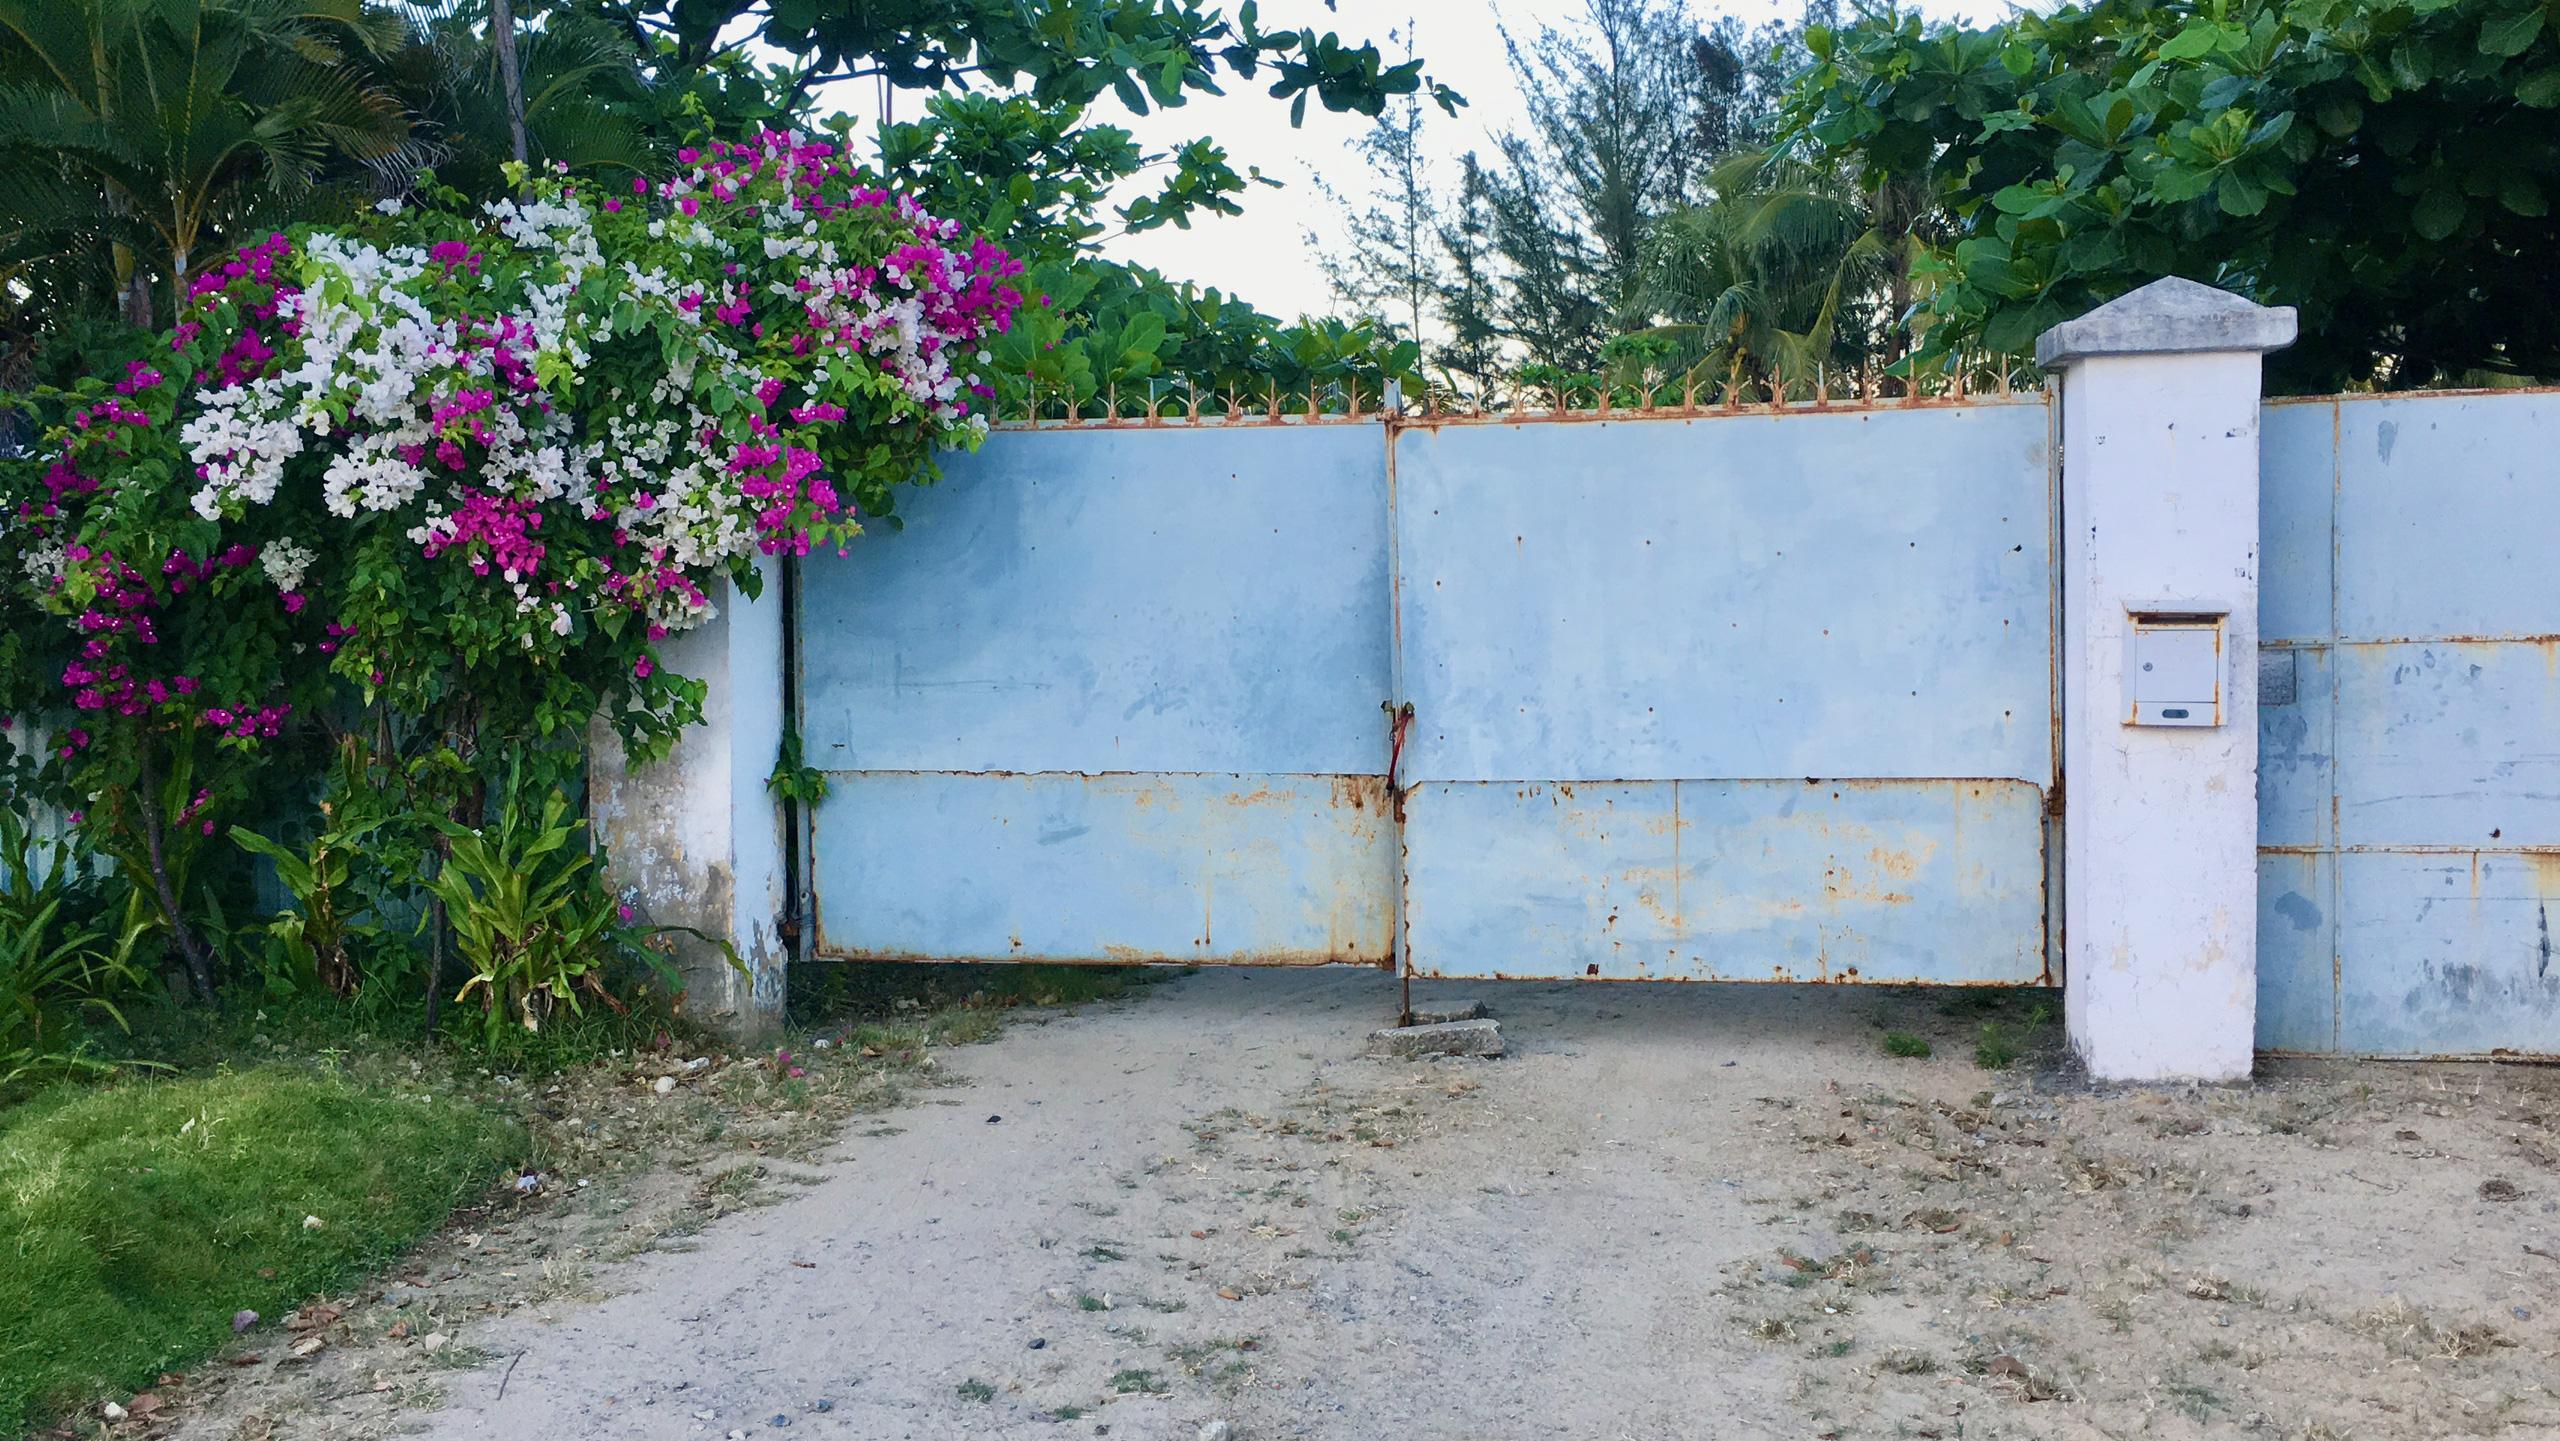 Dự án hơn 12 ha ven biển Đà Nẵng mà Công ty của vợ chồng Chủ tịch VNDirect muốn rút đầu tư hiện đang bỏ hoang - Ảnh 4.